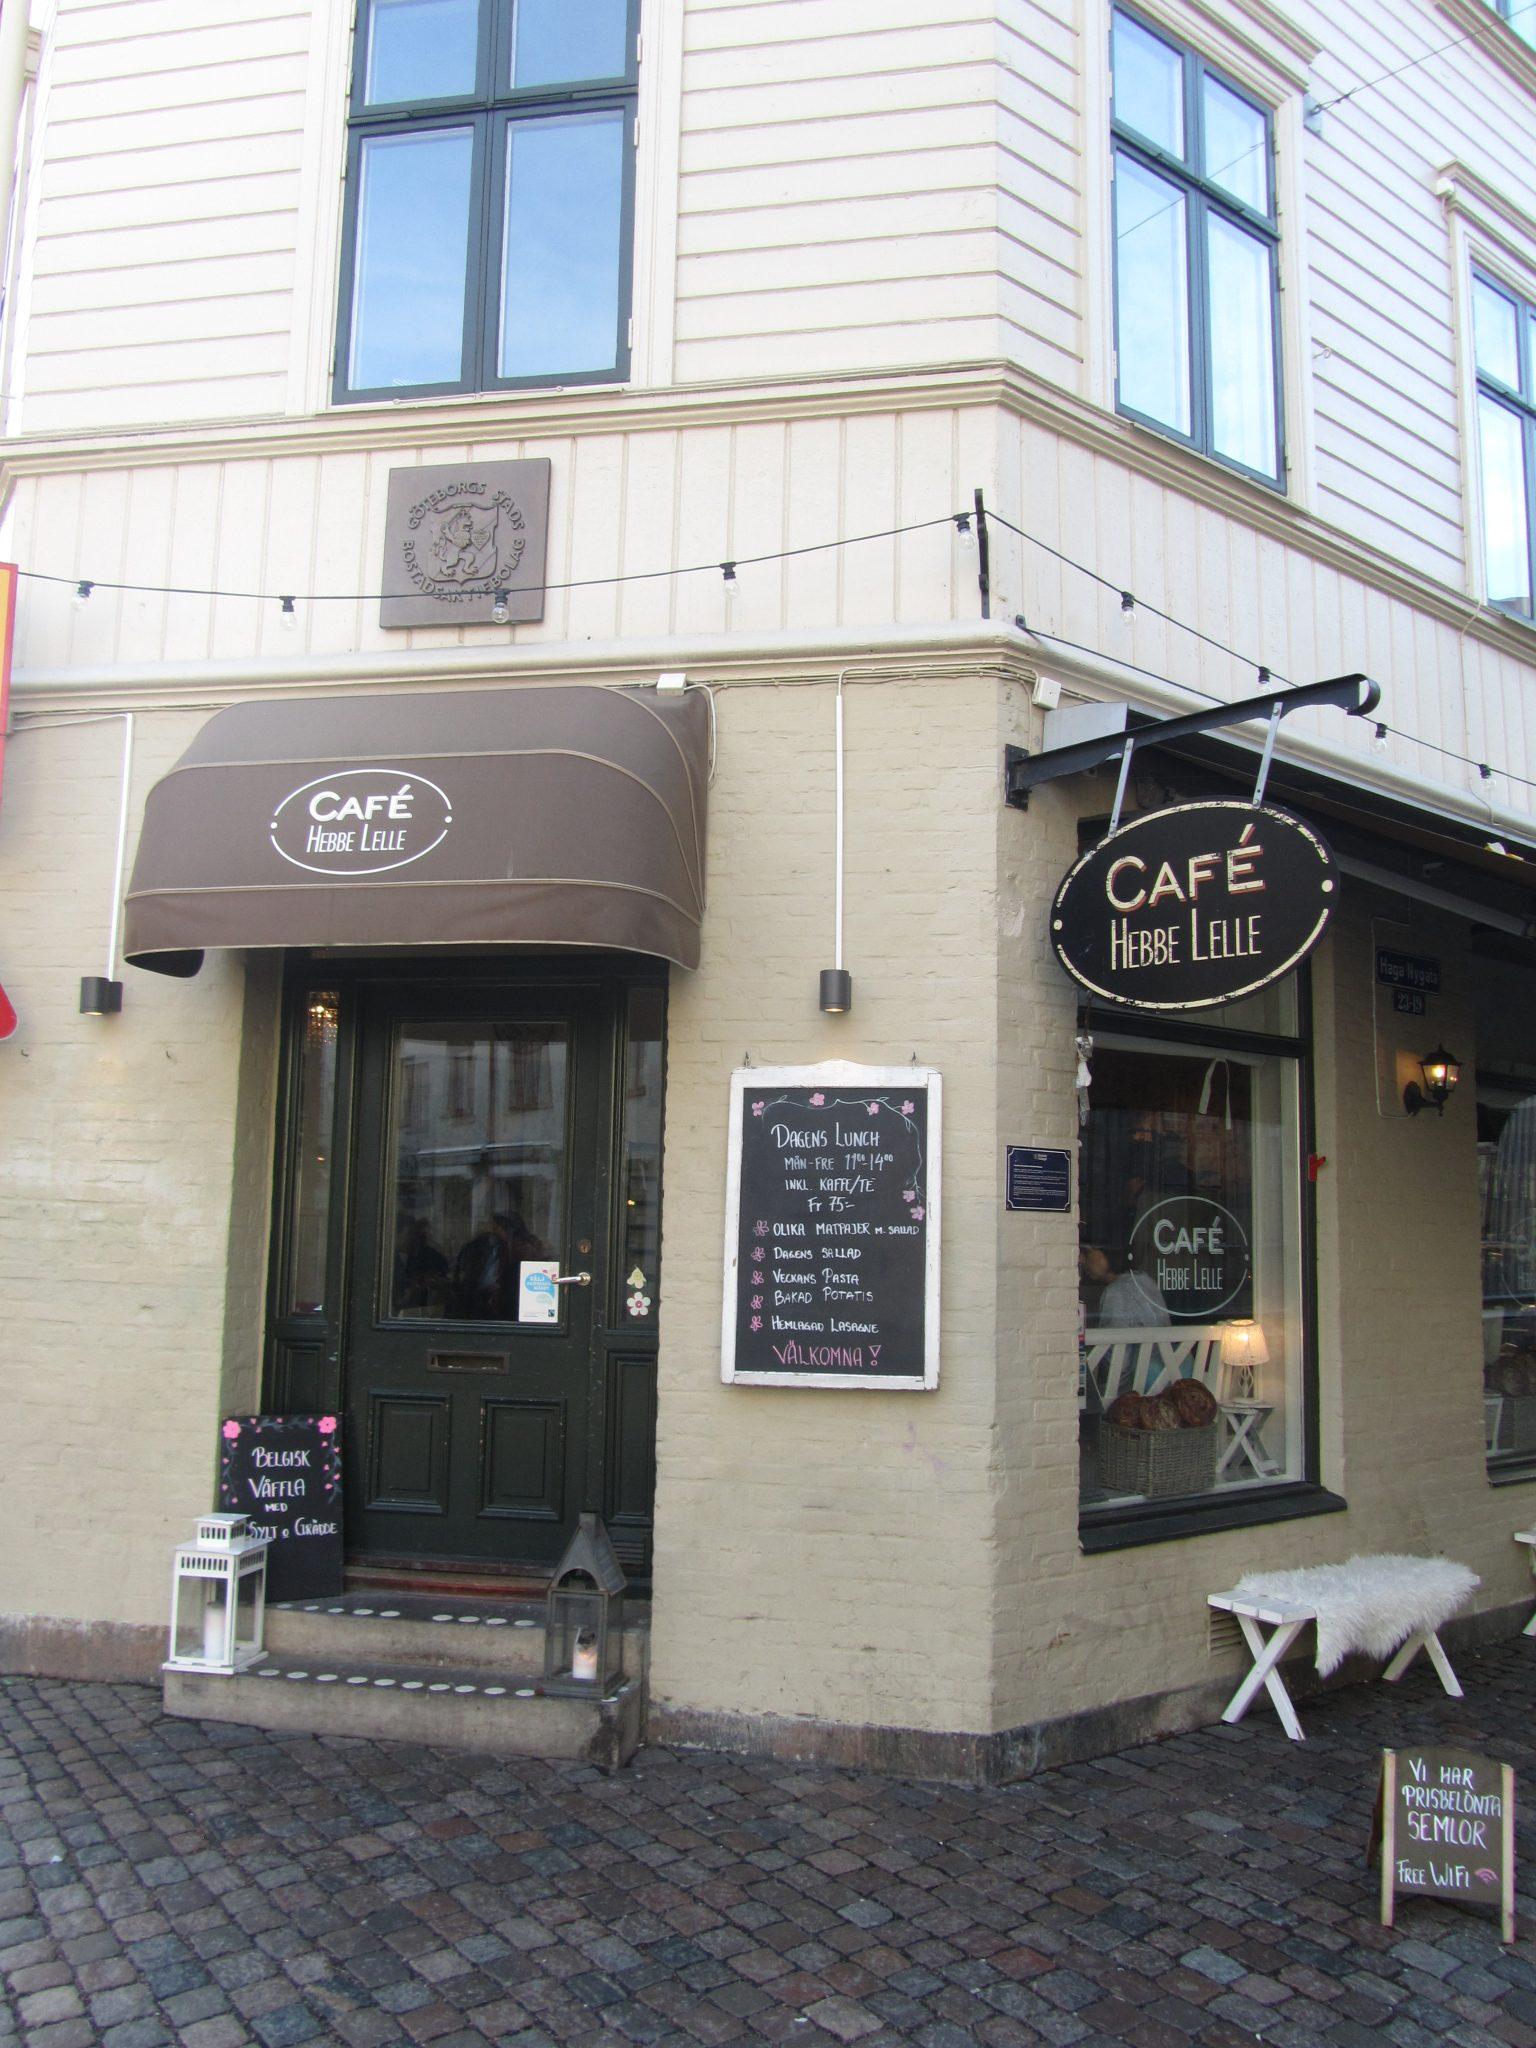 Cafe Habbe Lelle, Haga, Gothenburg